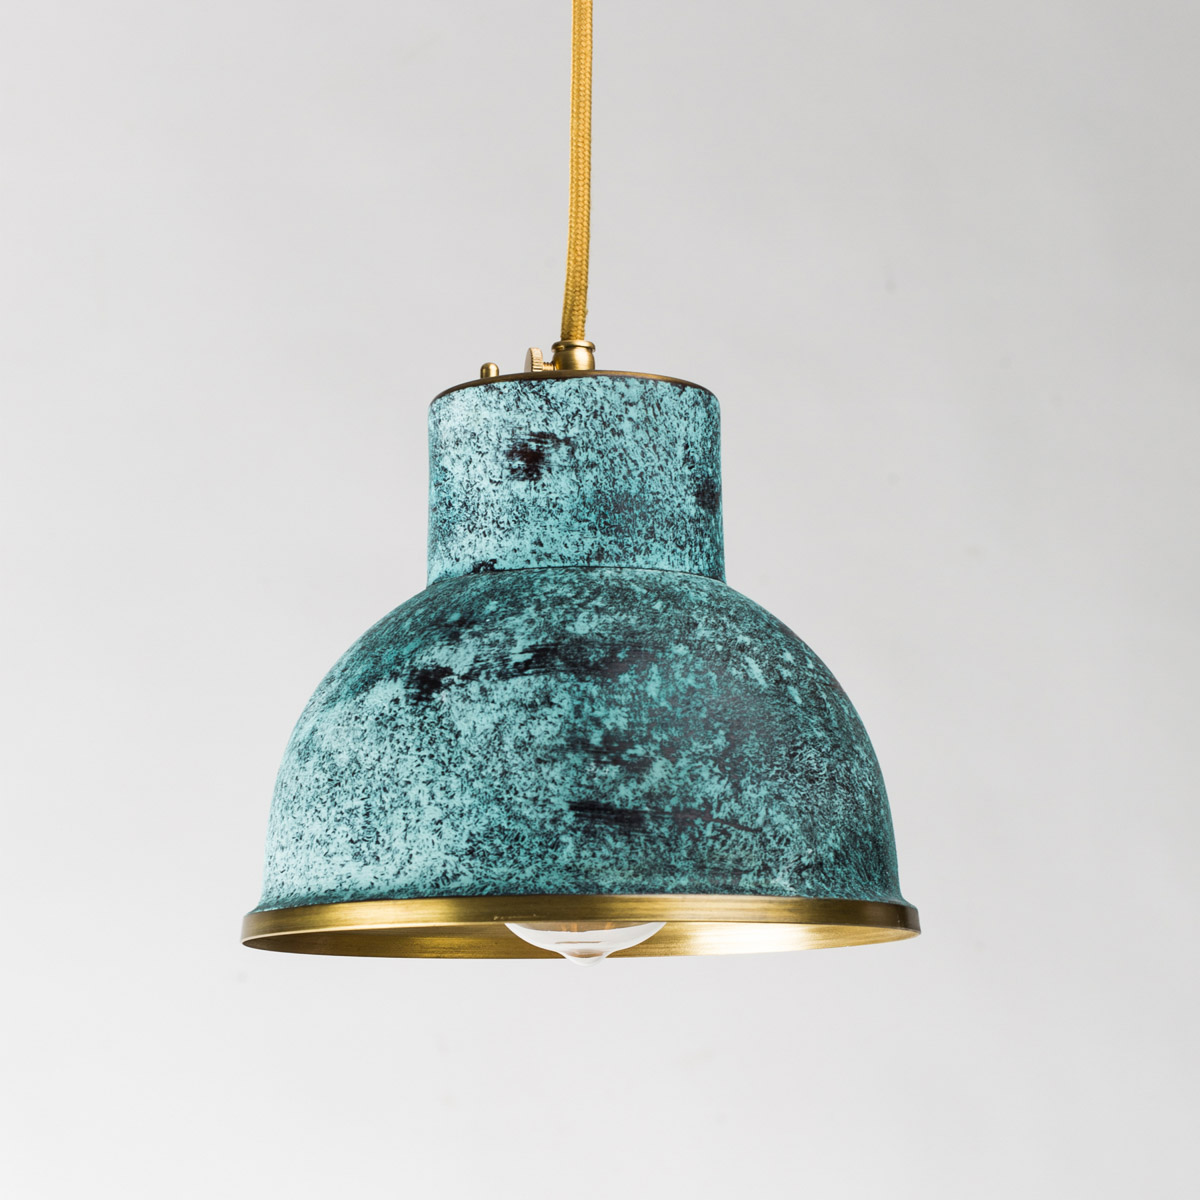 Потолочный светильник латунный Italy зеленый